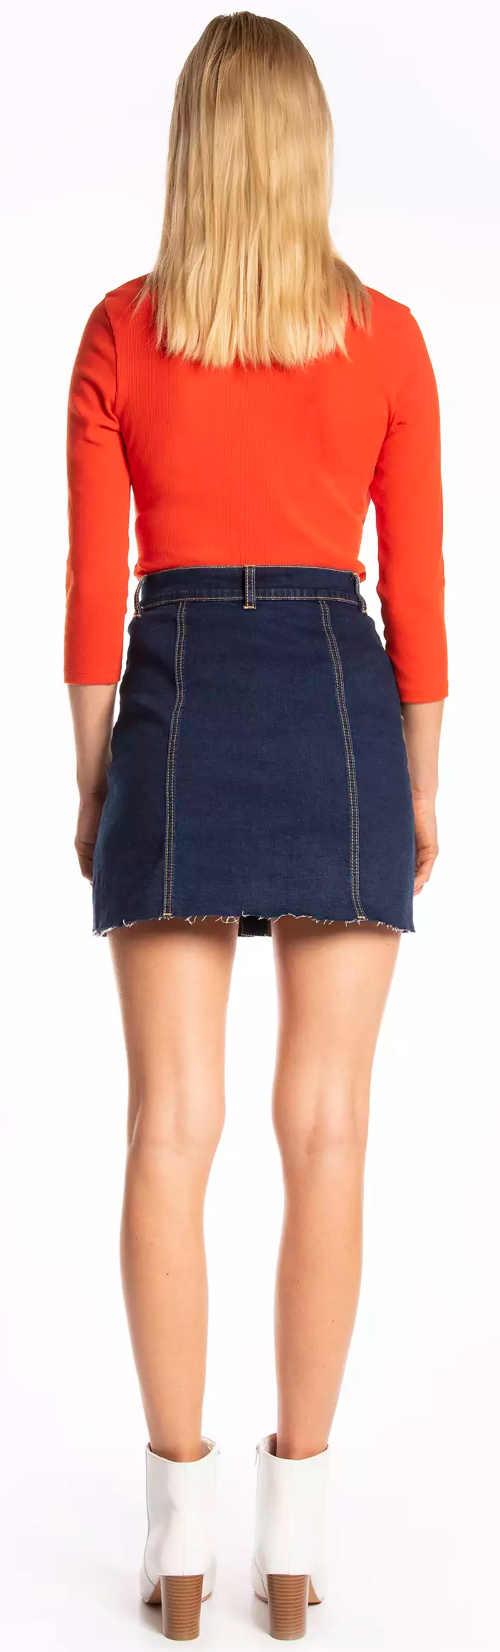 Krátká denimová sukně tmavě modré barvy